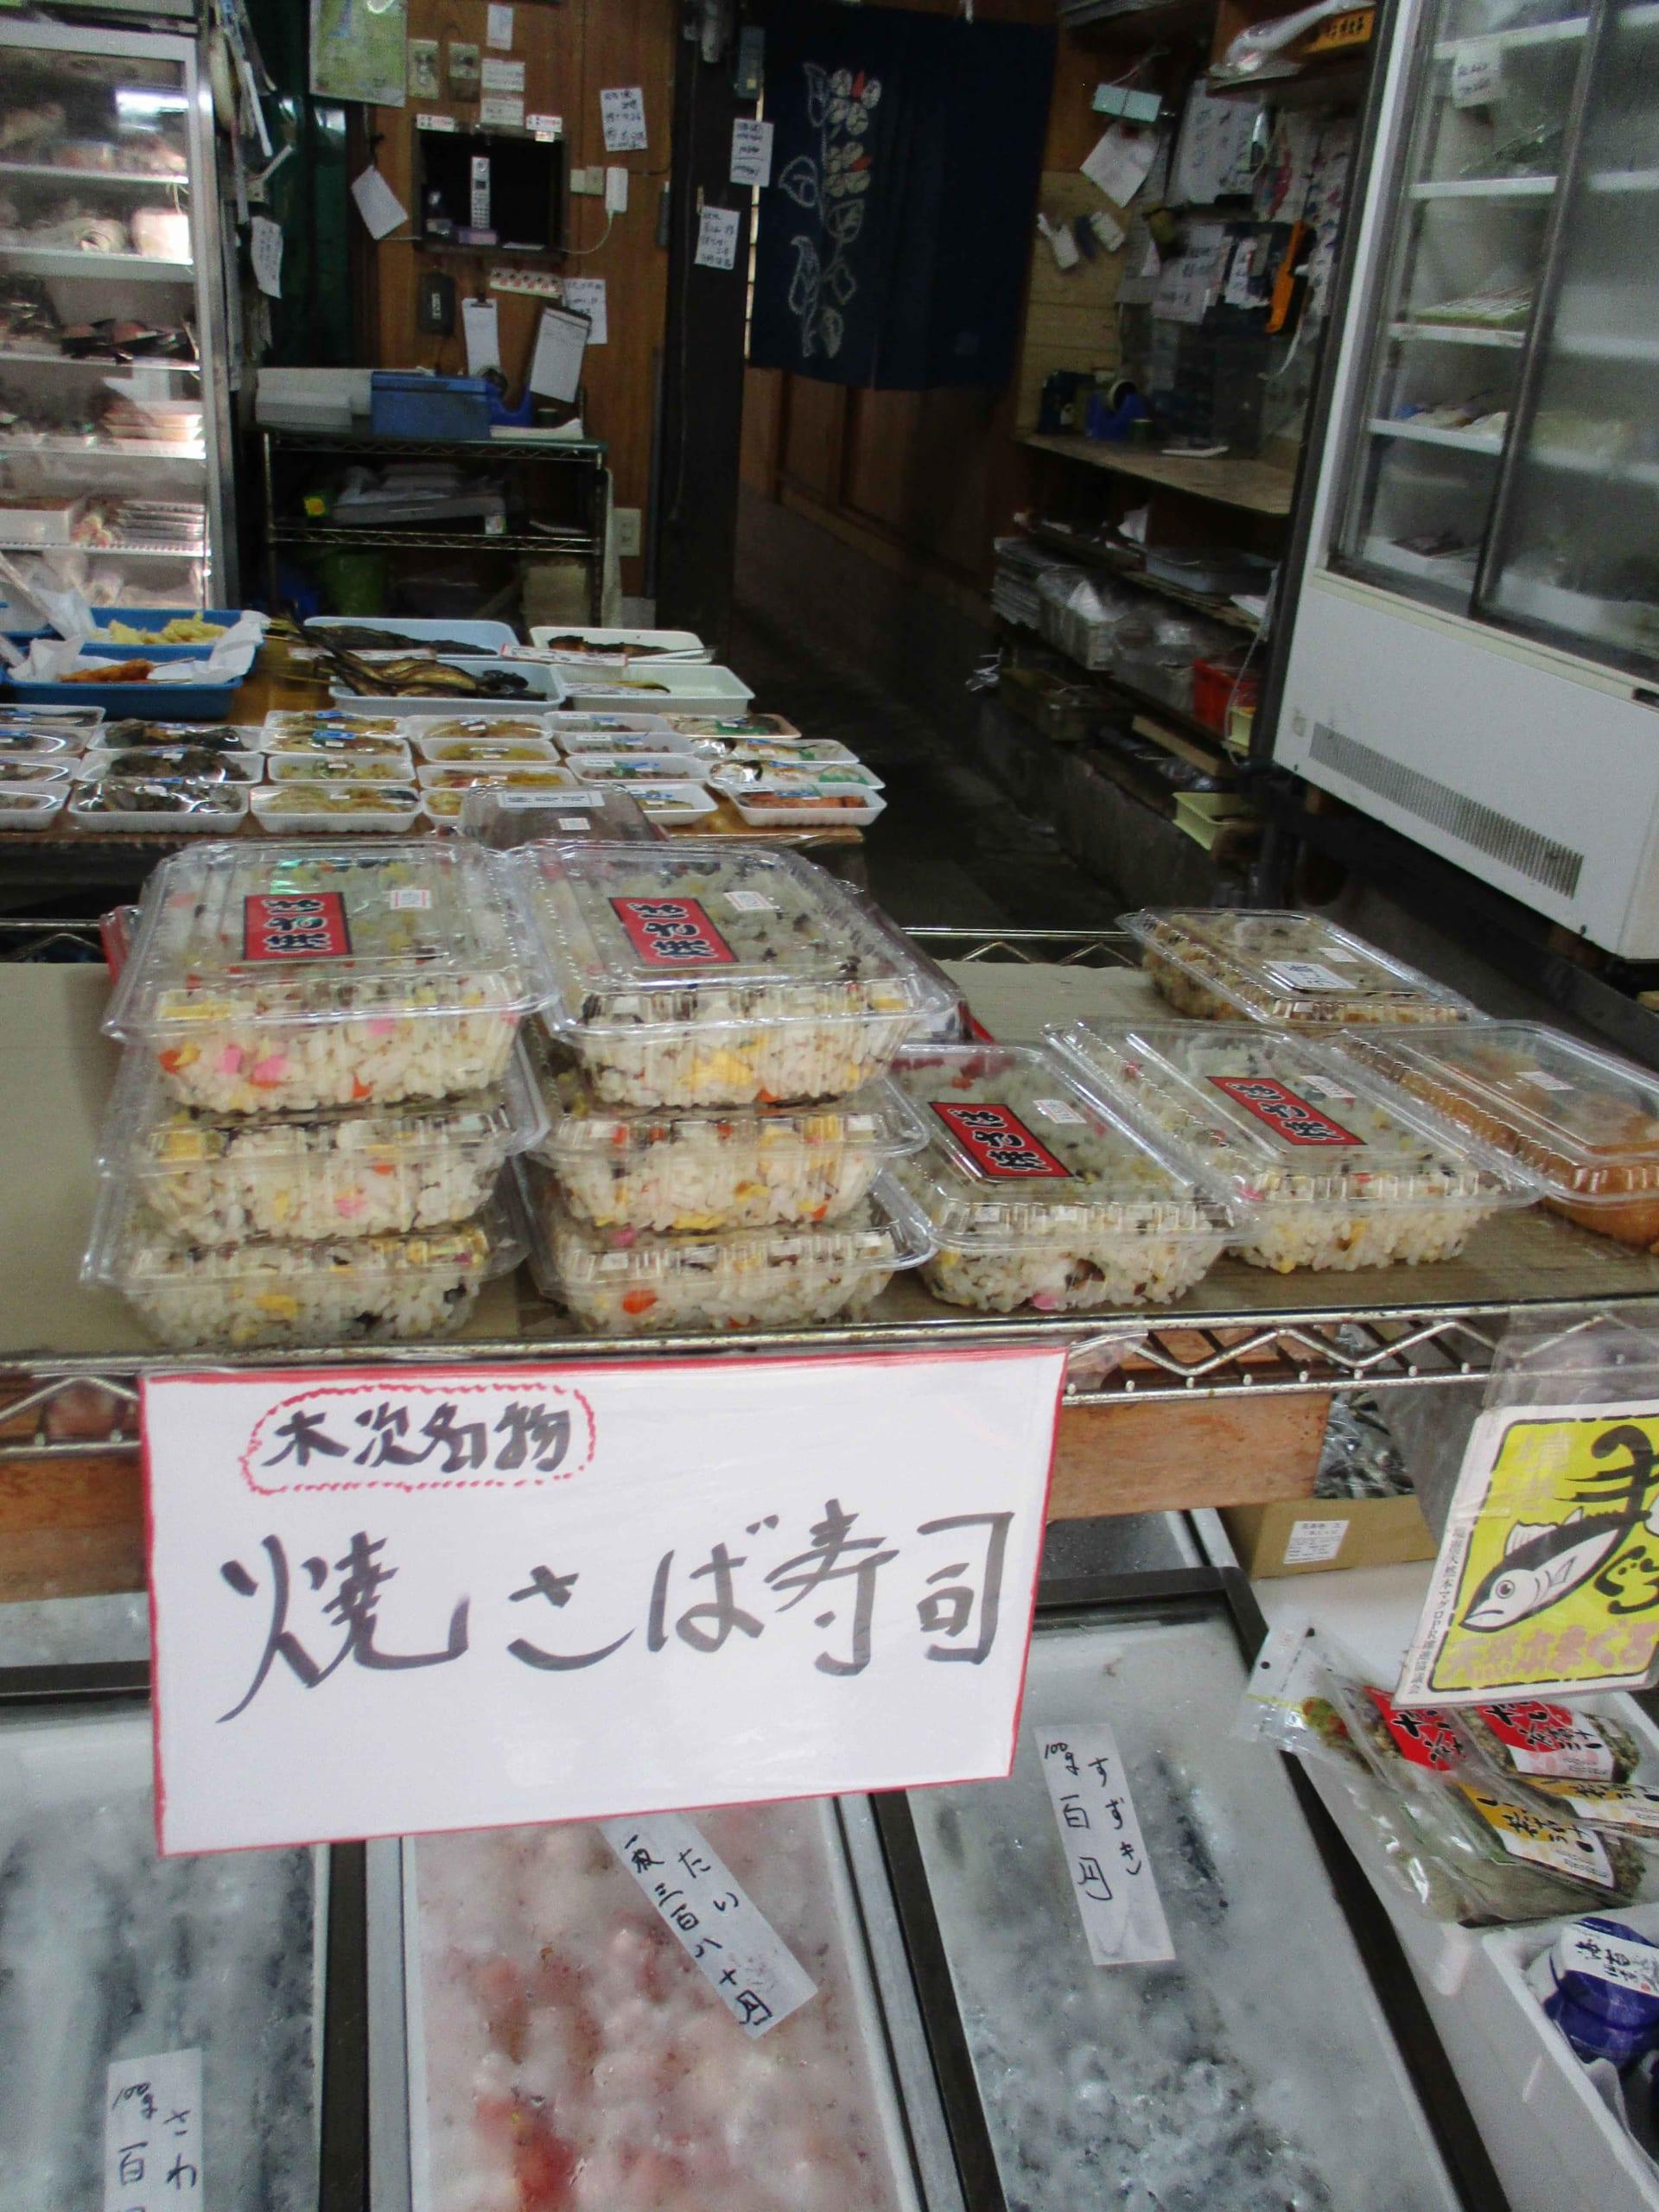 鯖が見えない!? 島根県・雲南の「おくゆかしすぎる」焼き鯖寿司